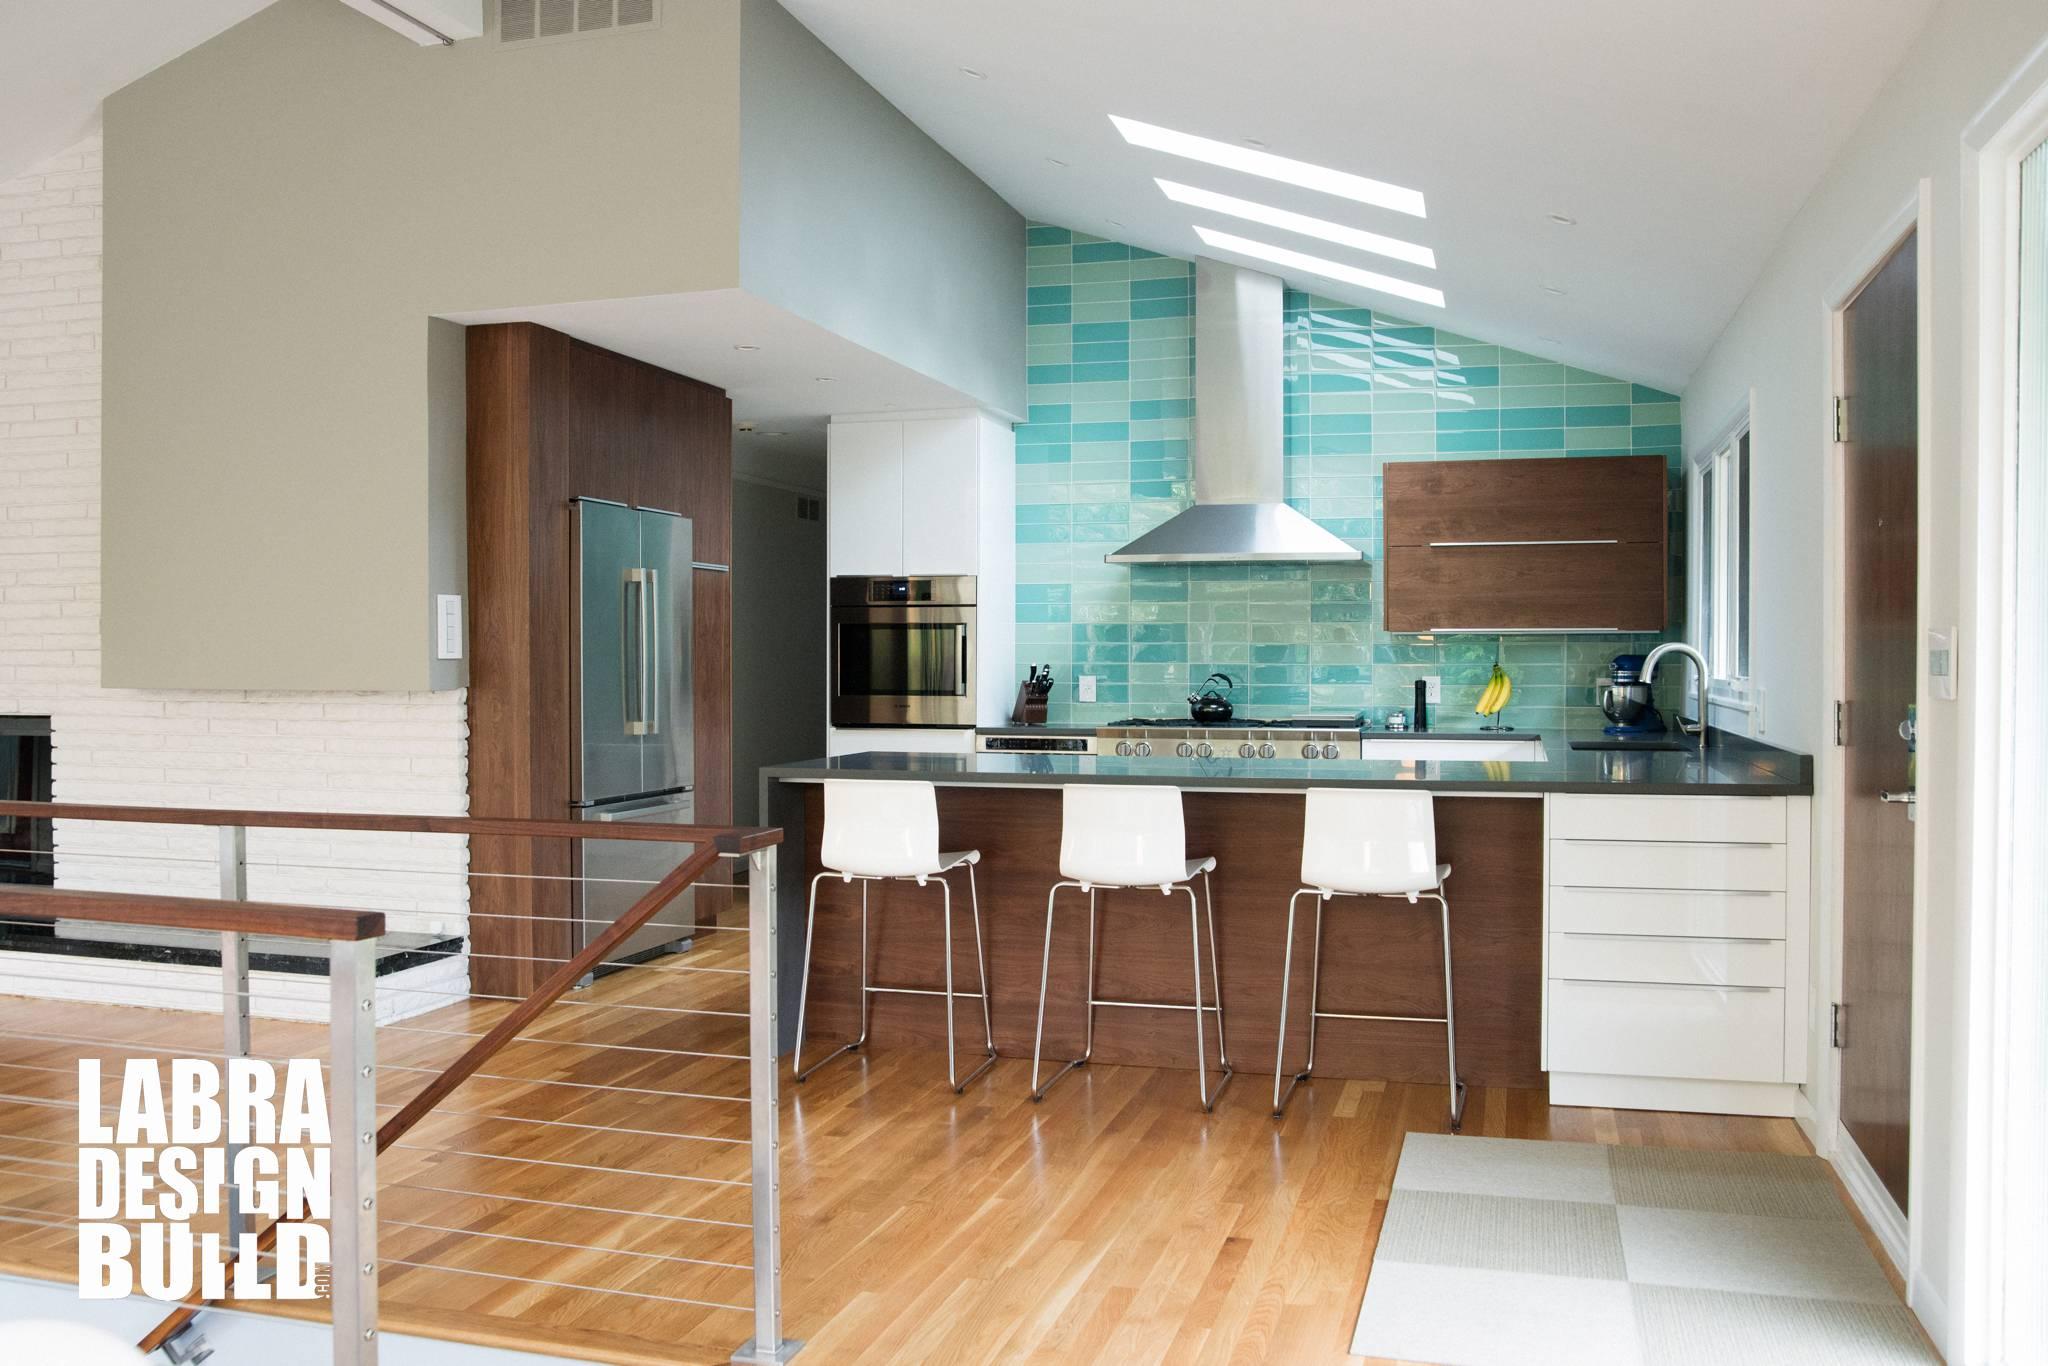 Mid Century Modern Kitchen Remodel Labra Design Build